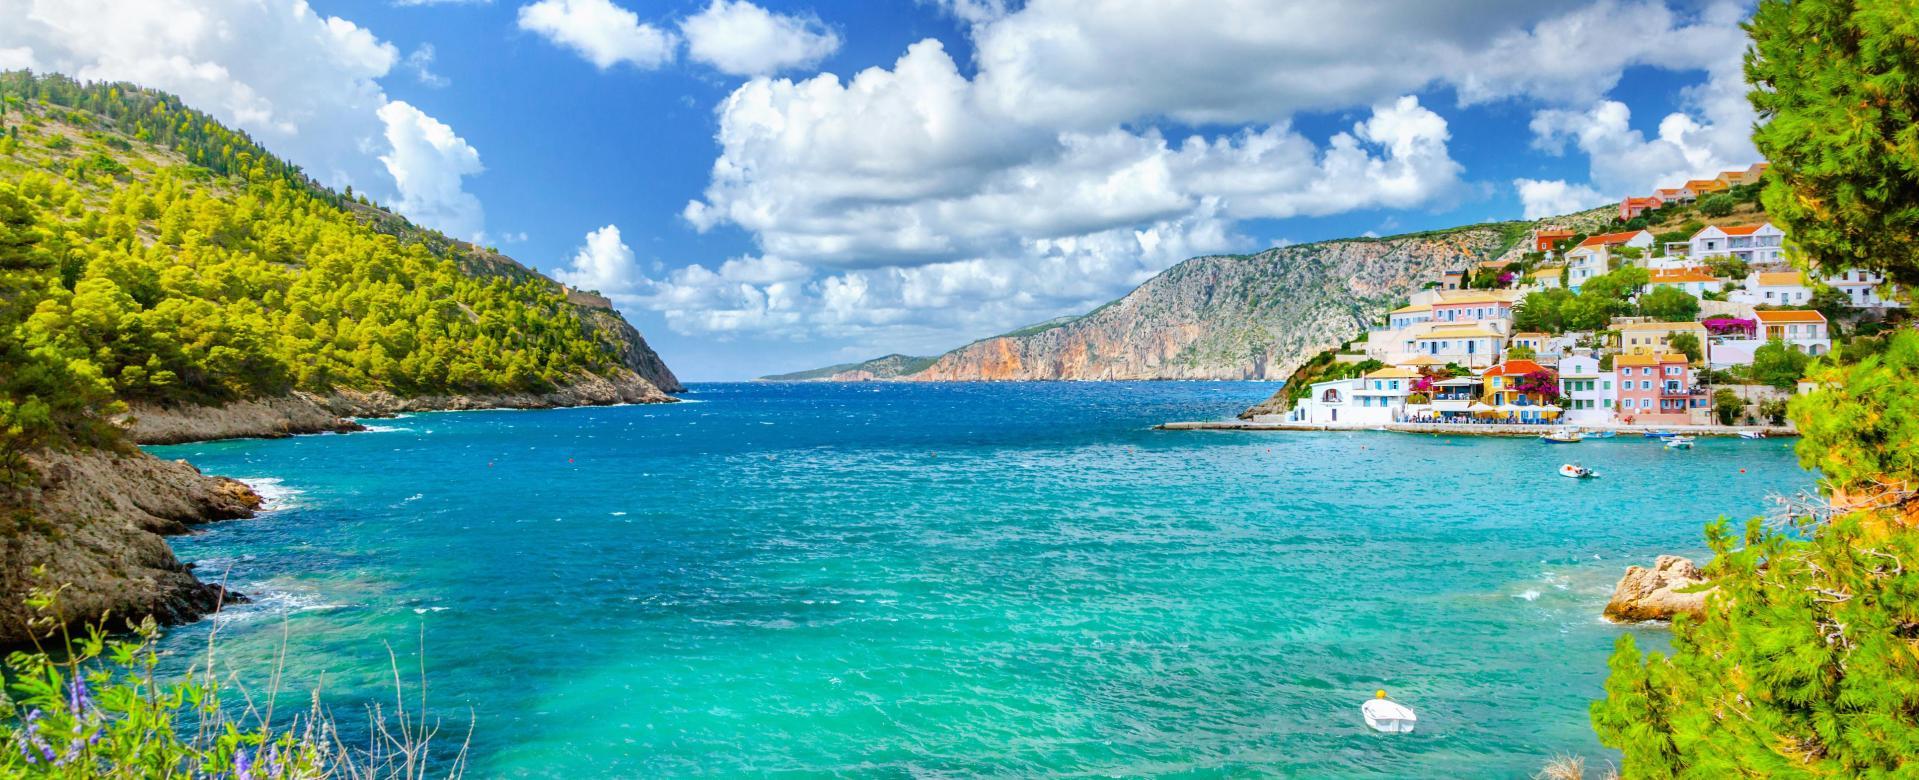 Voyage à pied Grèce : Iles ioniennes, dans les pas d'homère